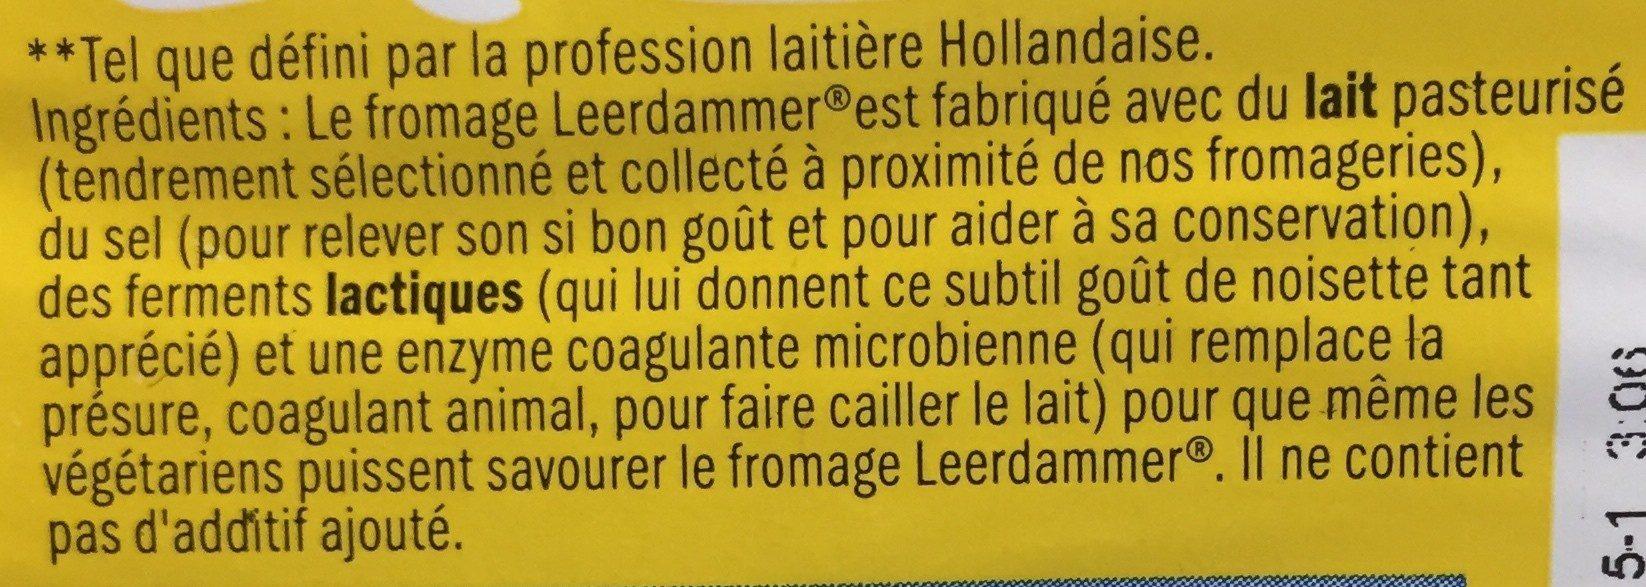 Leerdammer Léger (16% MG) - Ingredients - fr